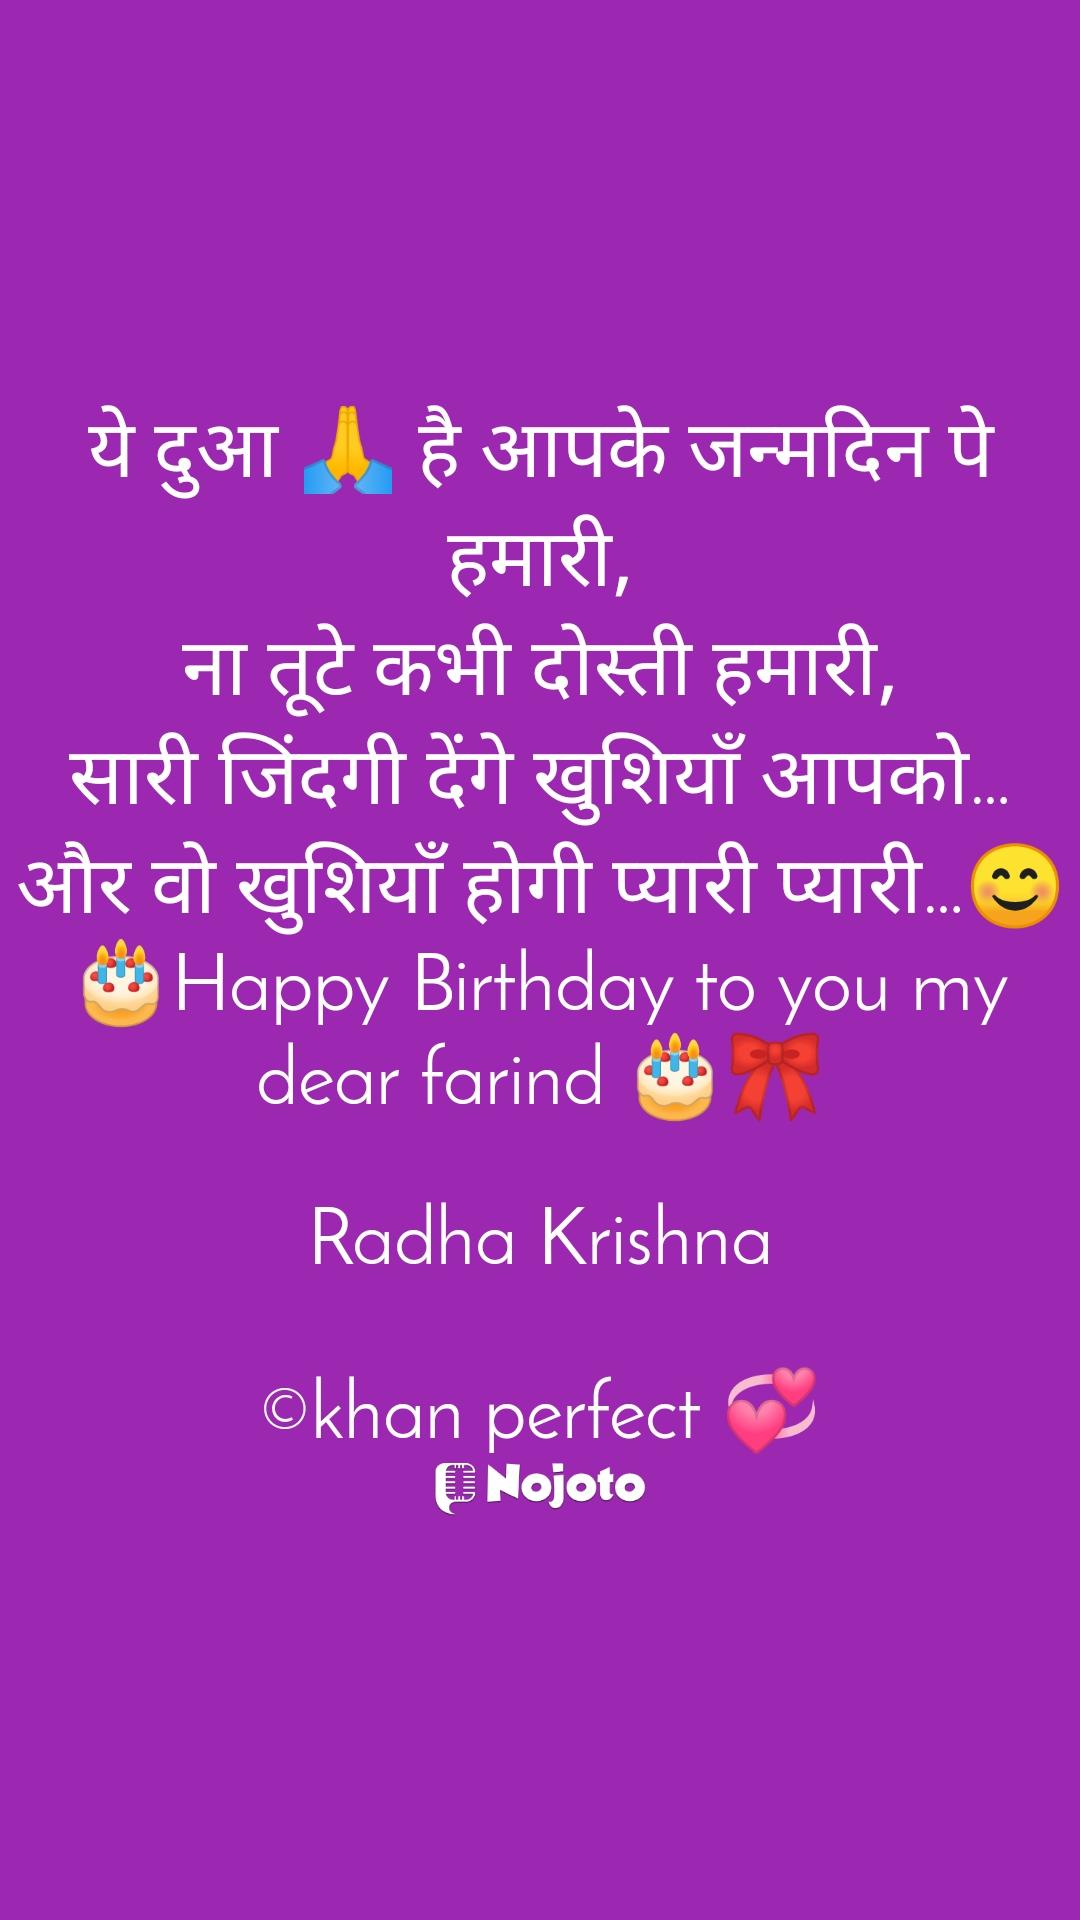 ये दुआ 🙏 है आपके जन्मदिन पे हमारी, ना तूटे कभी दोस्ती हमारी, सारी जिंदगी देंगे खुशियाँ आपको… और वो खुशियाँ होगी प्यारी प्यारी…😊 🎂Happy Birthday to you my dear farind 🎂🎀  Radha Krishna  ©khan perfect 💞